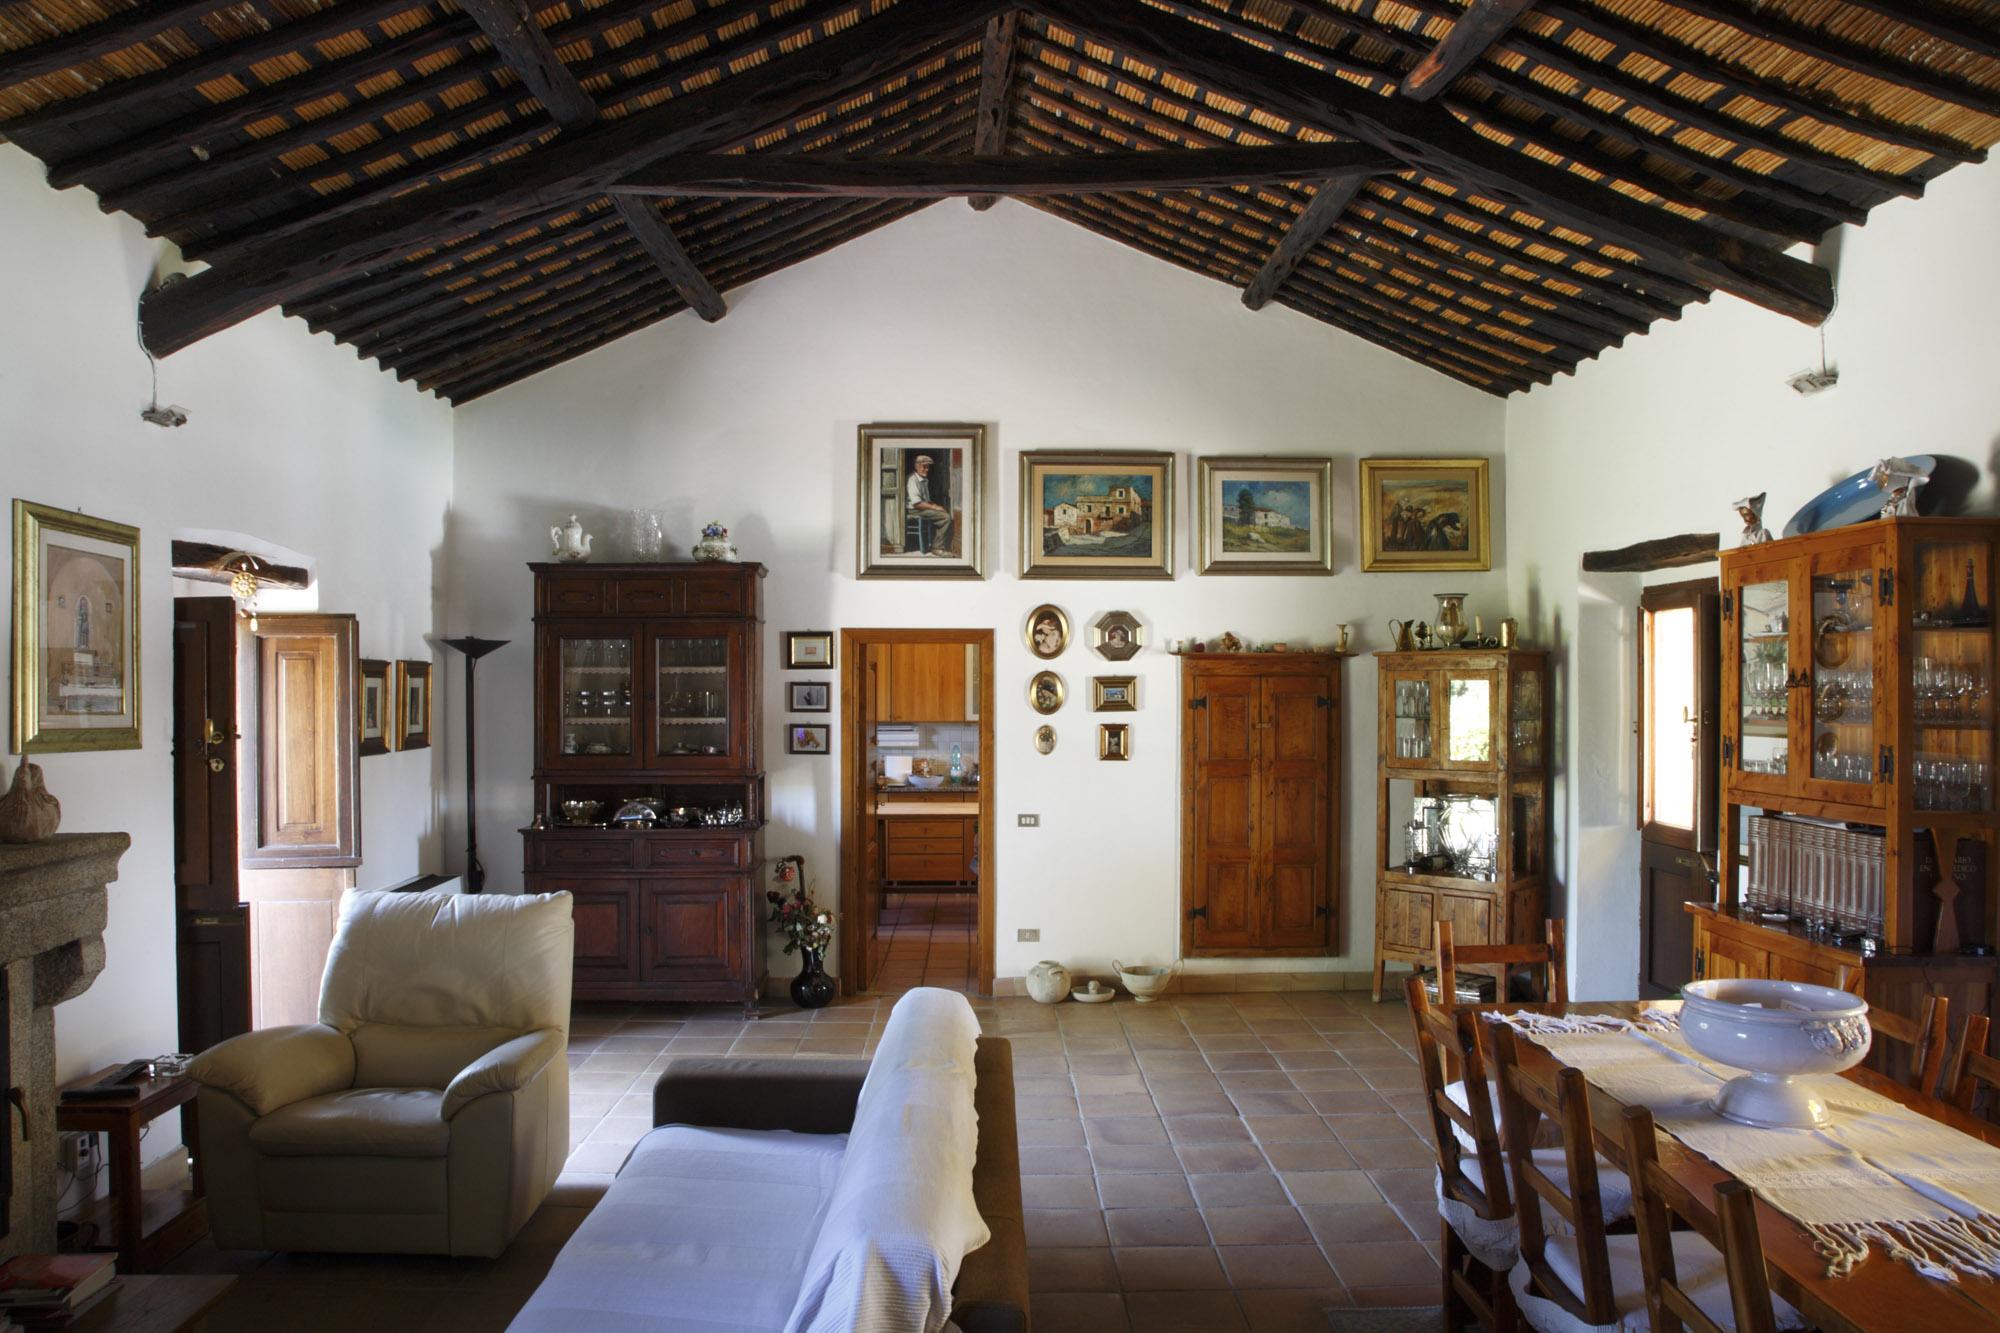 La porta a levante stazzi di gallura la janna a lianti for Arredamento casa antica